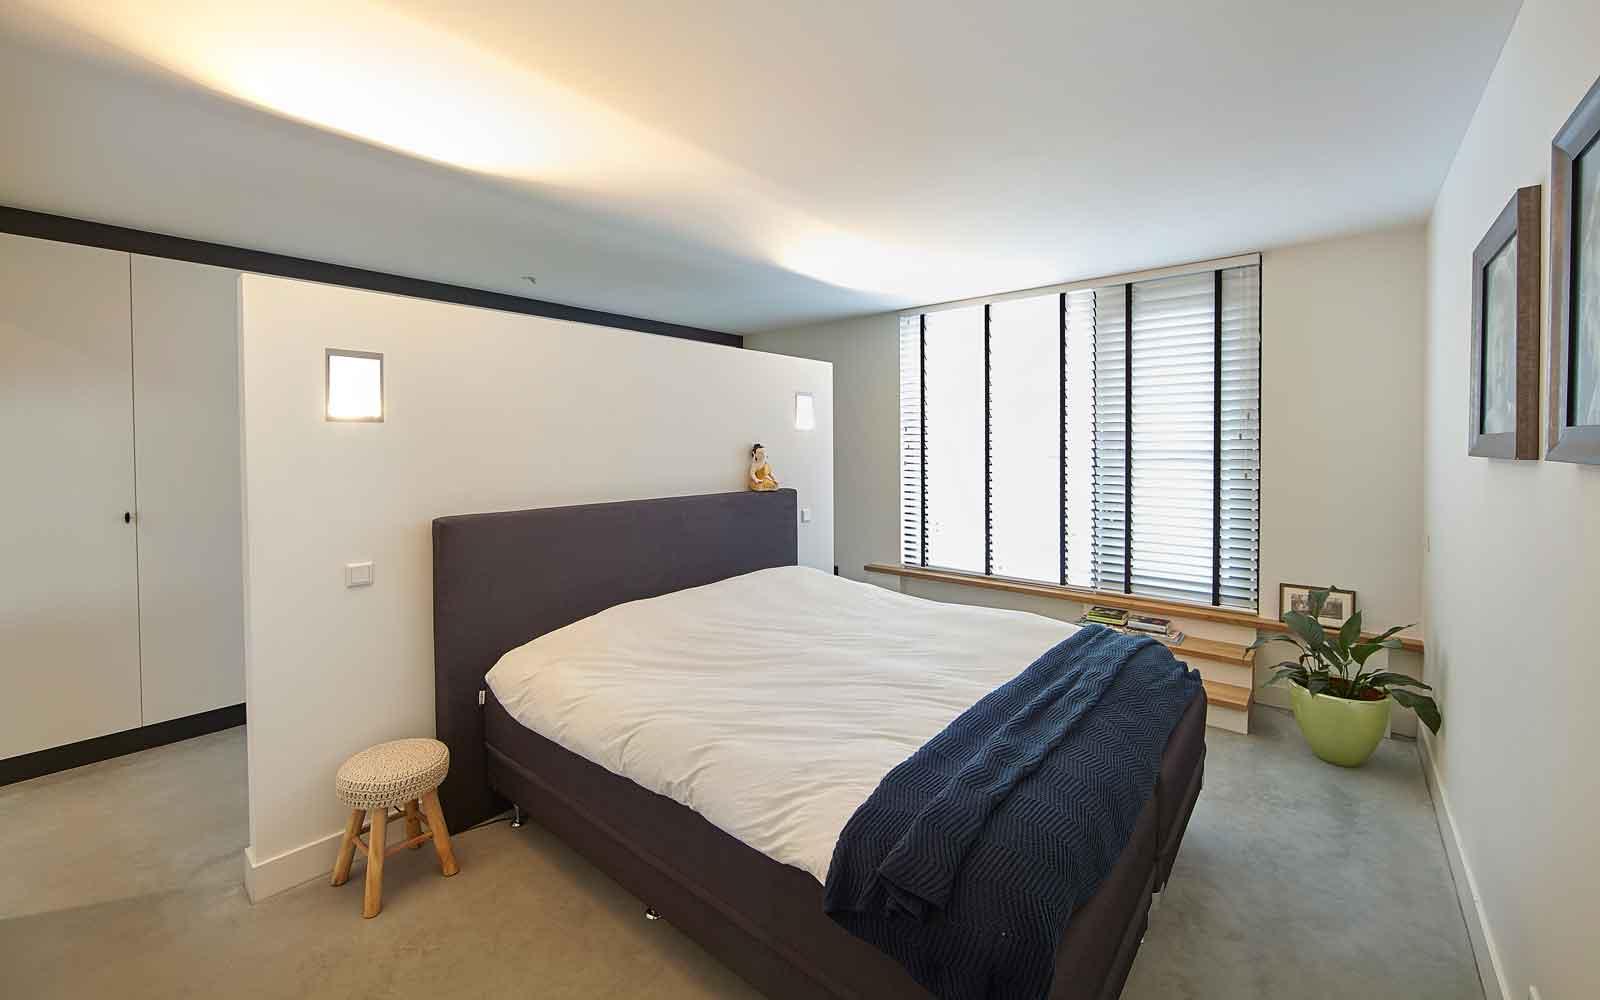 Slaapkamer, master bedroom, zicht op de tuin, Landelijk, modern, Architectenbureau Koppens